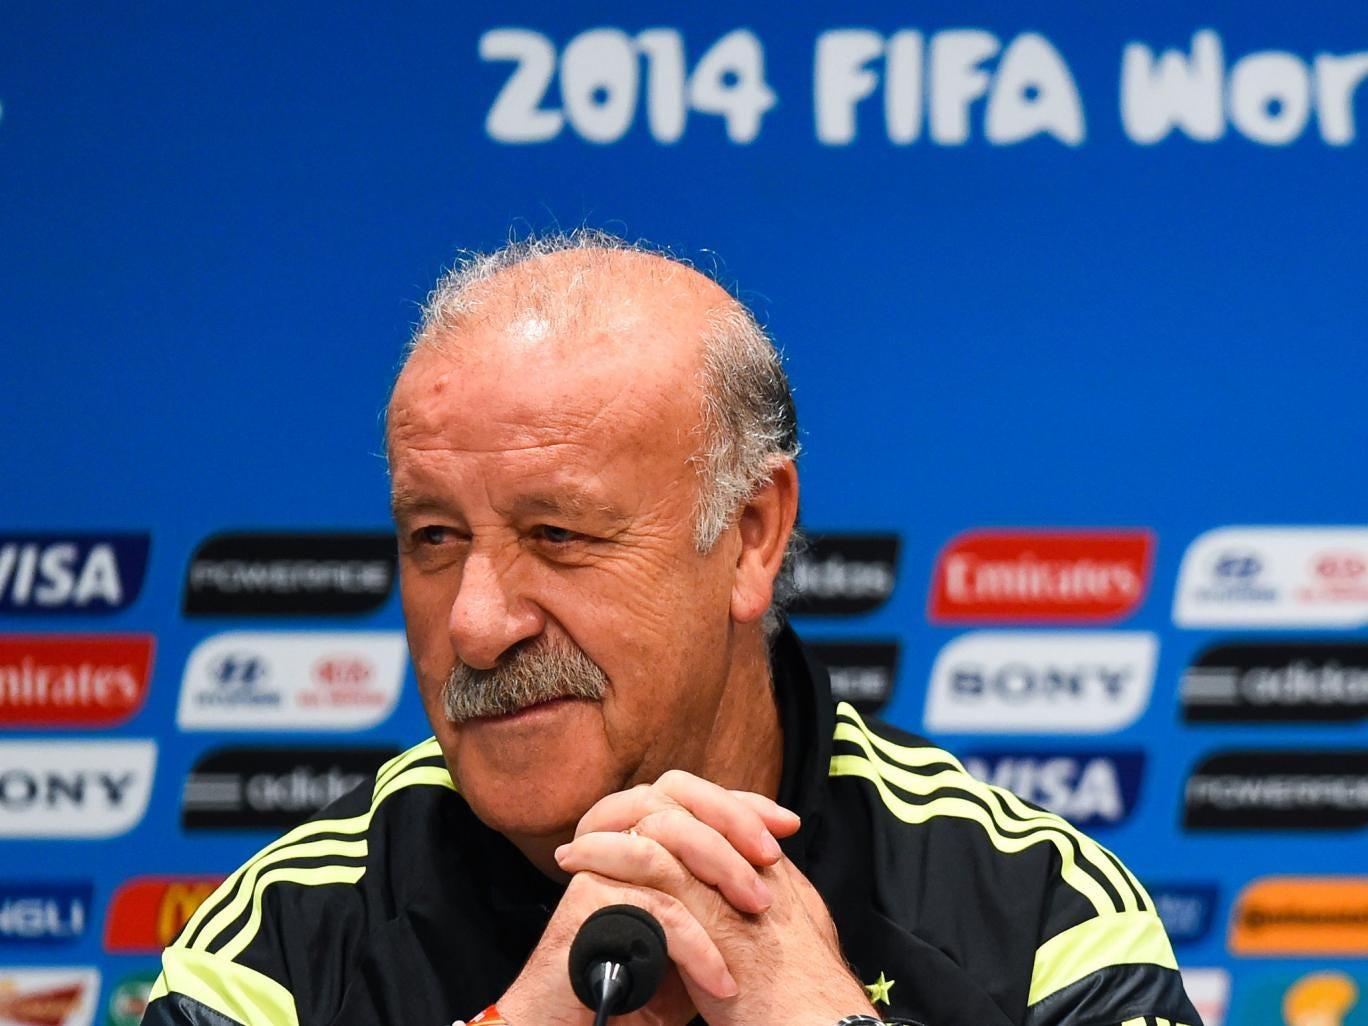 Head coach Vicente Del Bosque of Spain faces the media